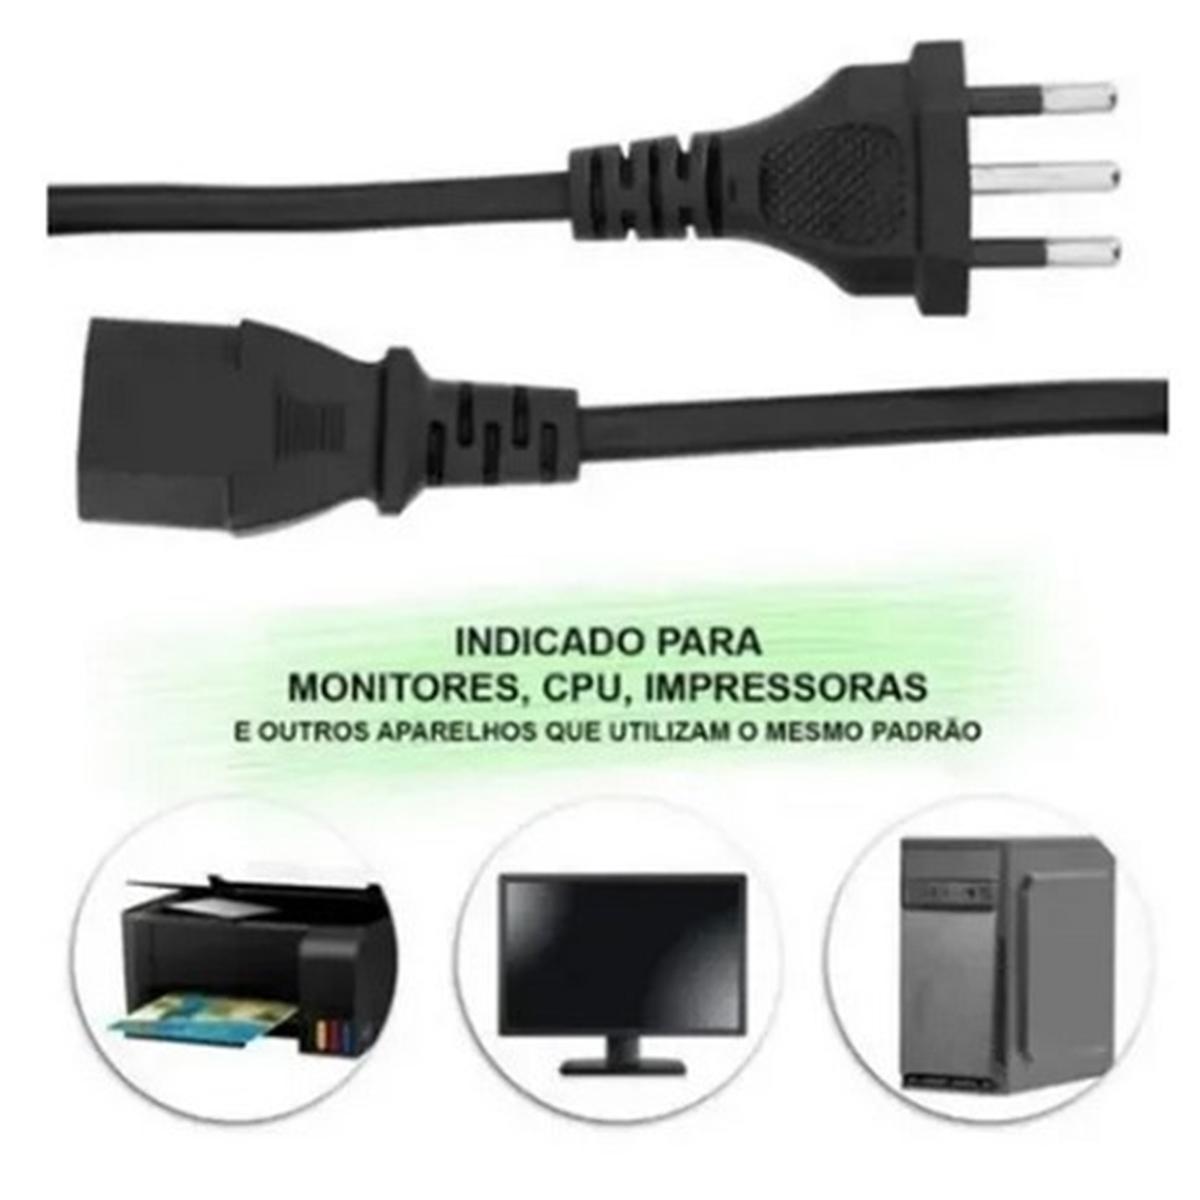 Cabo de Força Energia Tripolar 1,5M 10A / 250V PC Monitor Impressora CPU Goal - GL0296